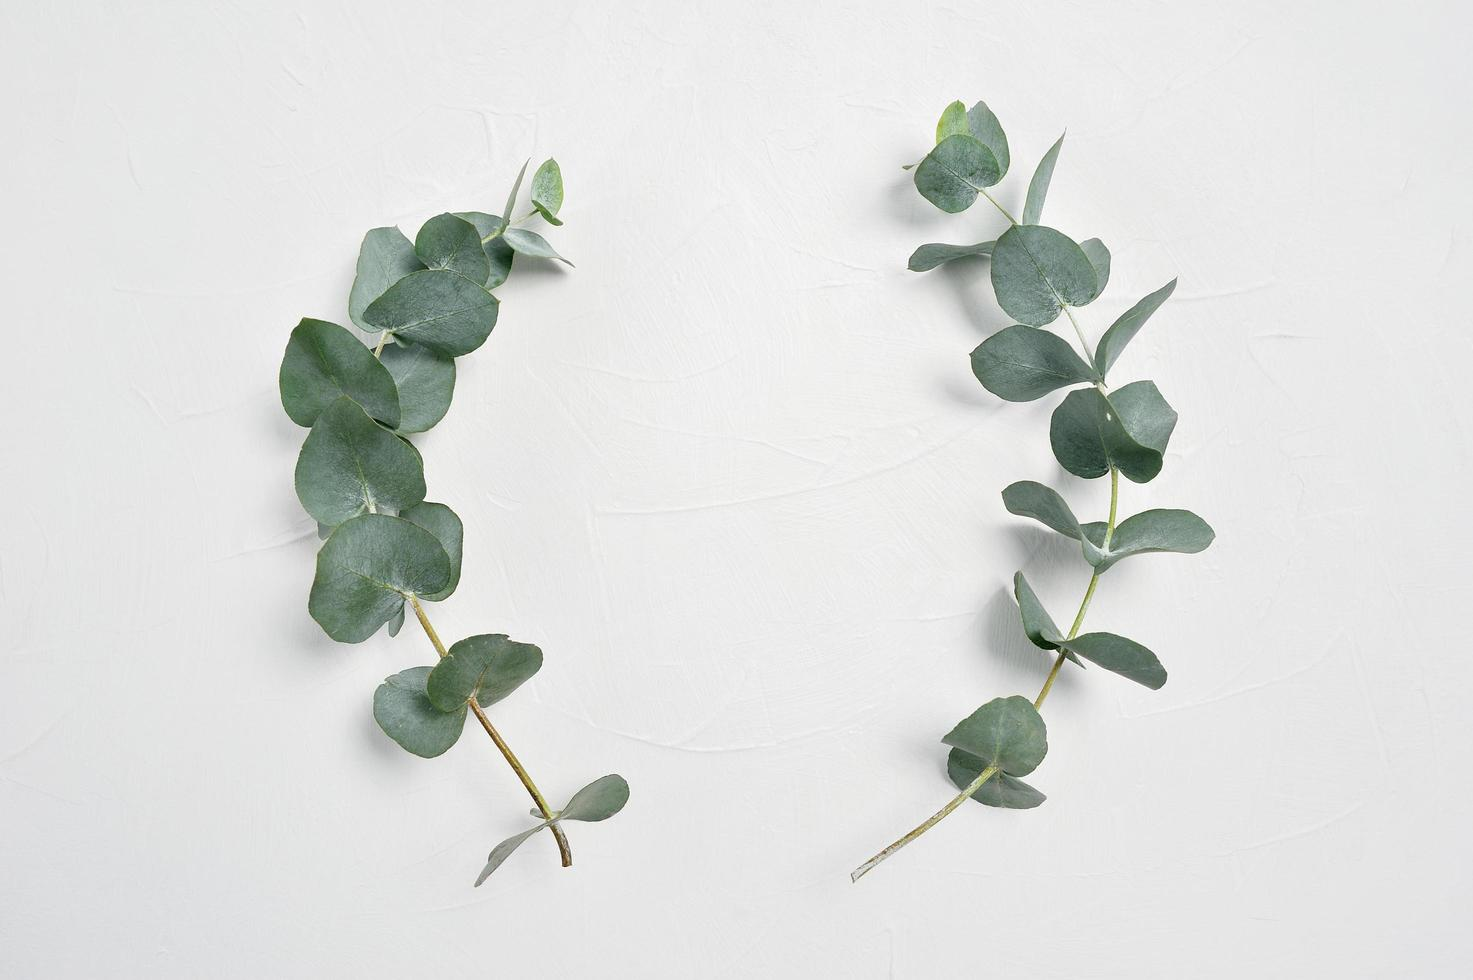 feuilles d'eucalyptus sur les tiges photo